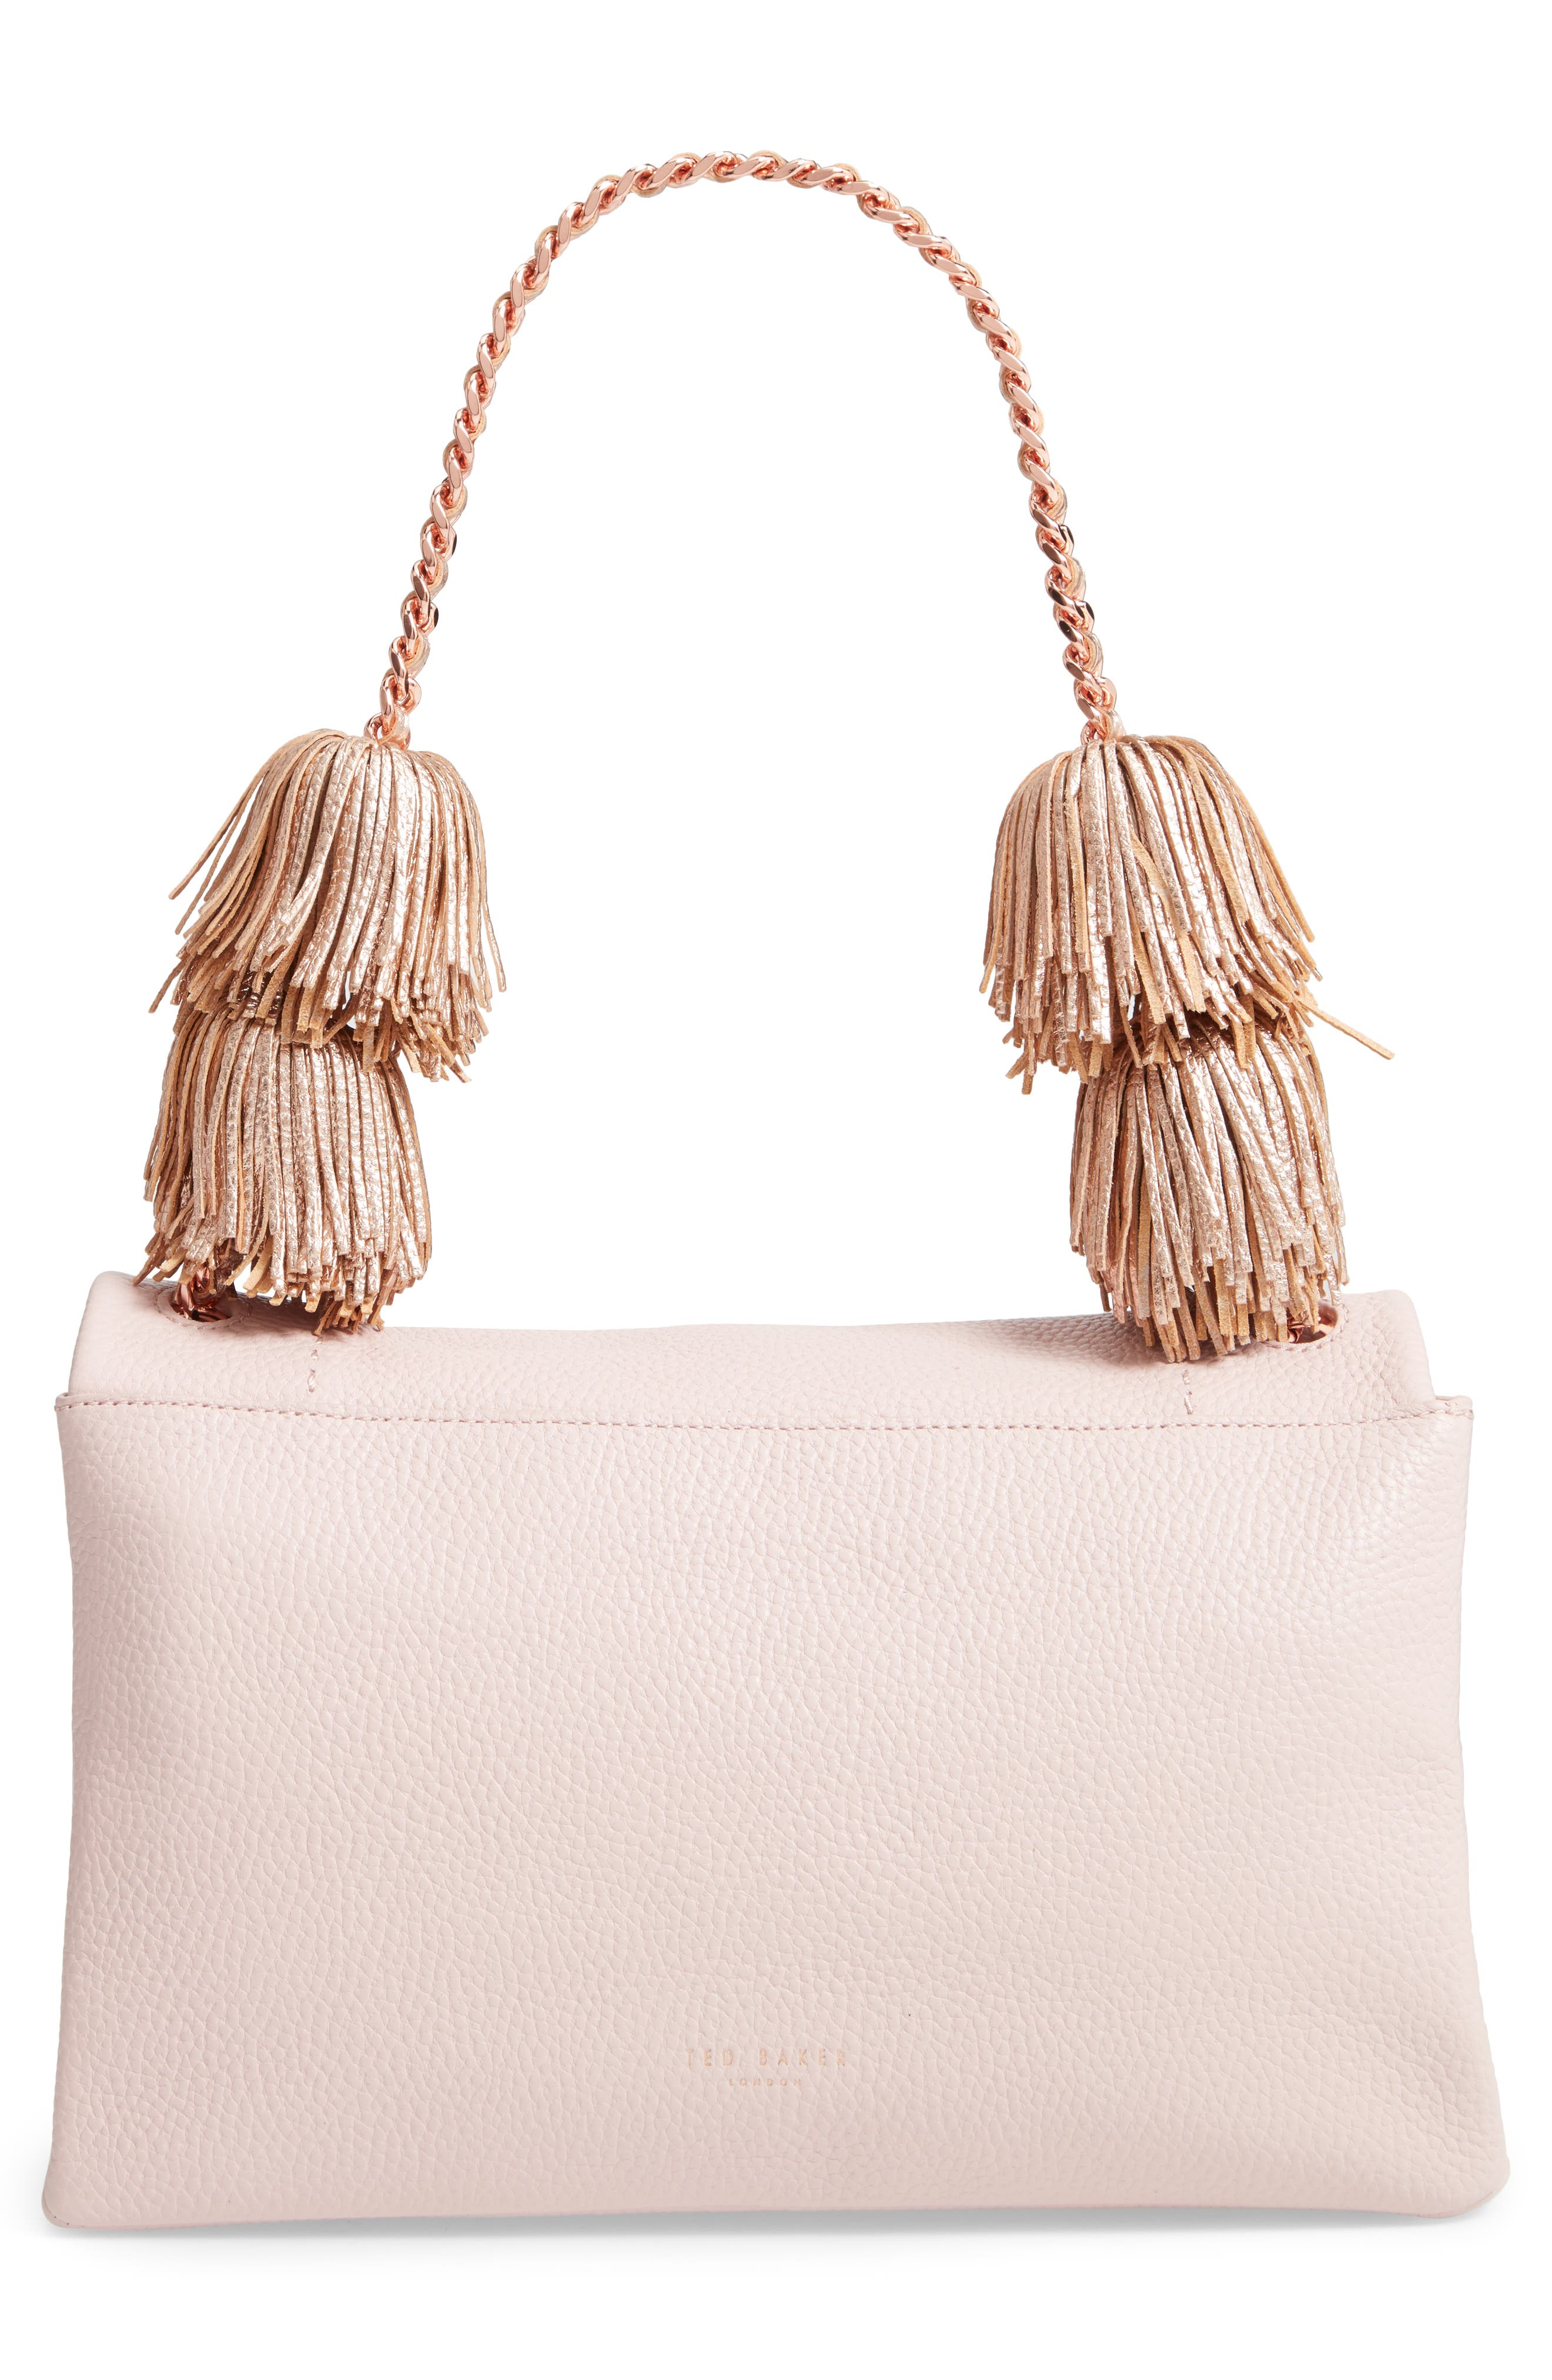 Melody Pom Leather Shoulder Bag,                             Alternate thumbnail 3, color,                             PALE PINK